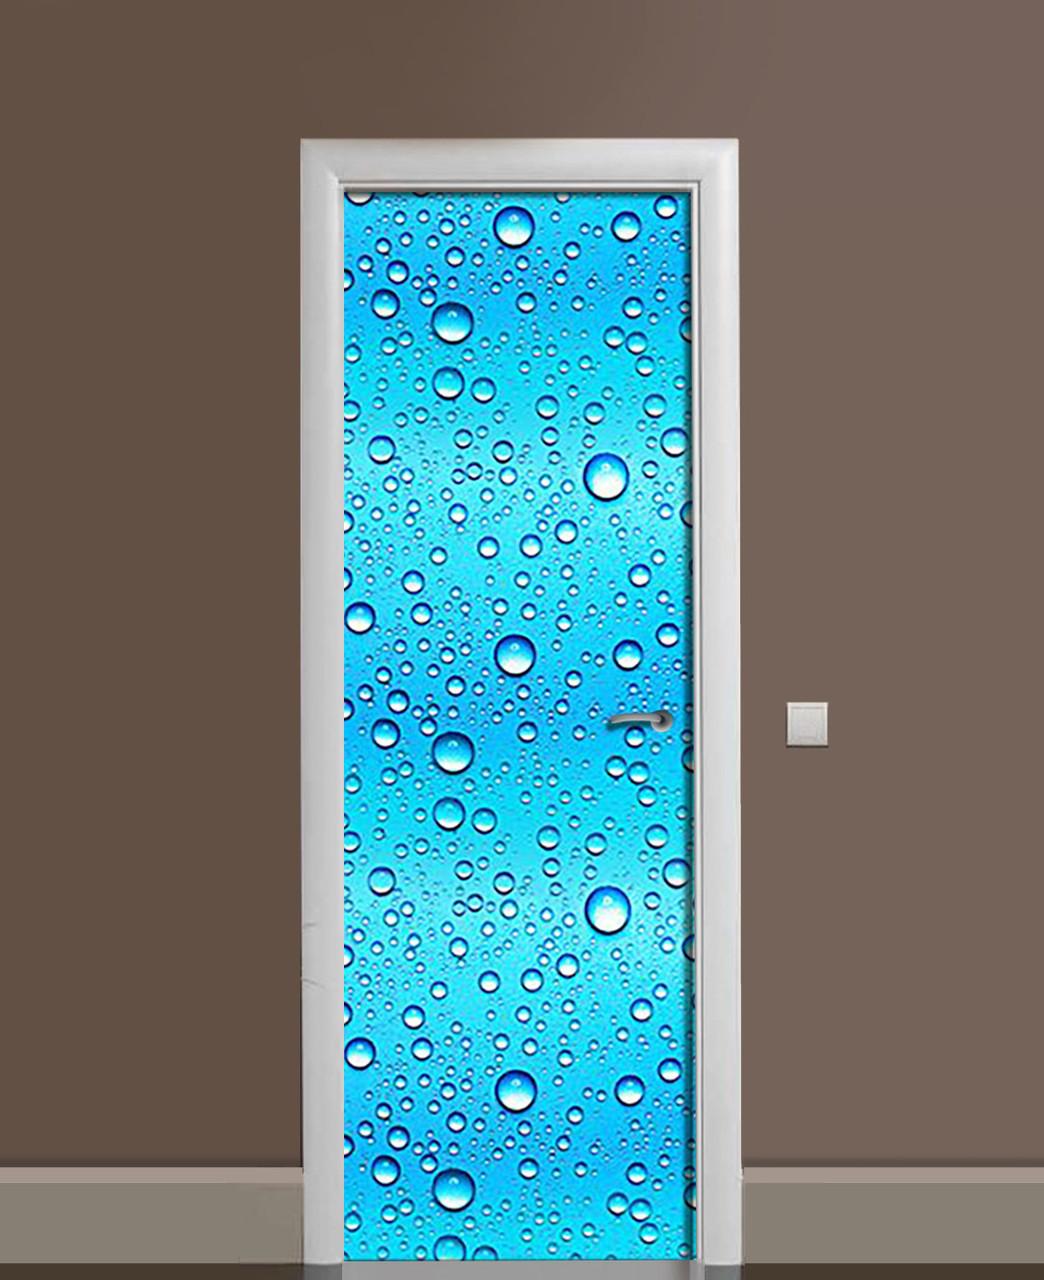 Декор двери Наклейка виниловая Капли воды Роса ПВХ пленка с ламинацией 65*200см Текстуры Голубой